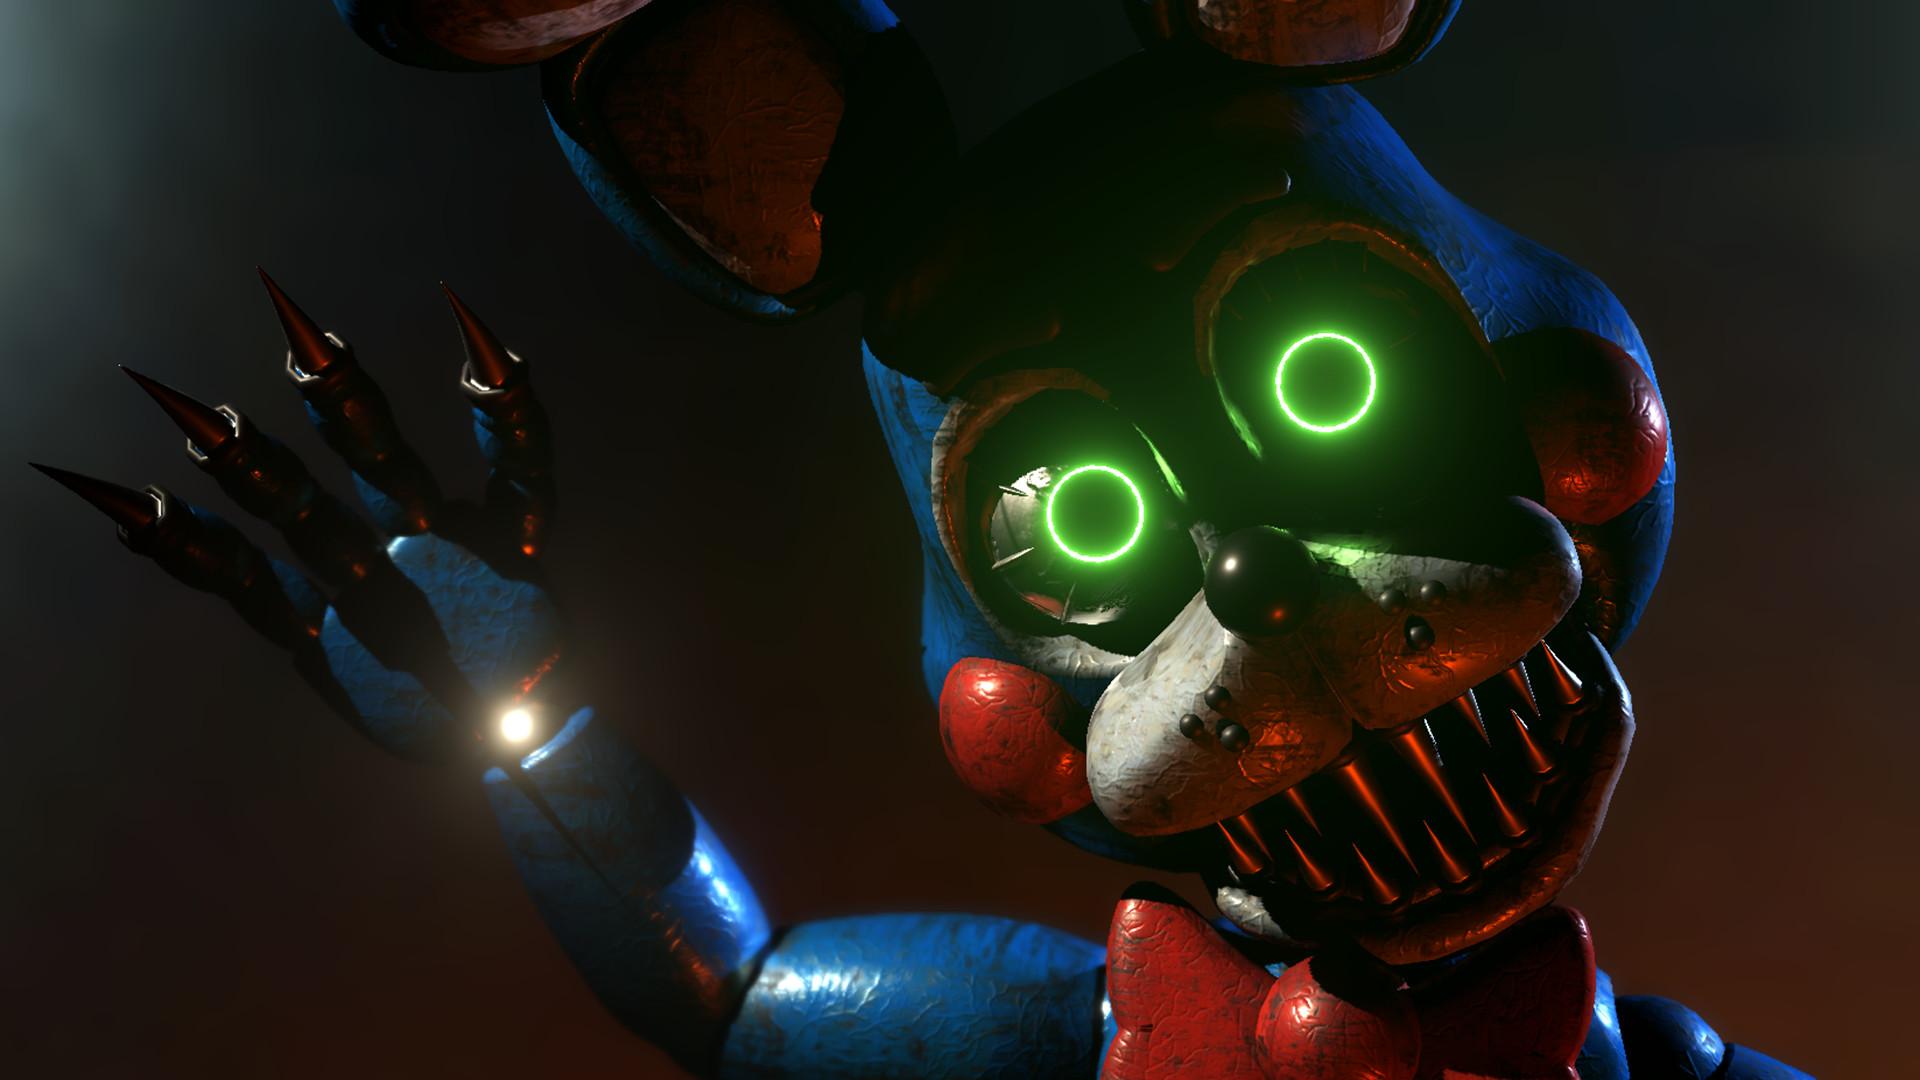 … Fnaf 2 Nightmare Toy Bonnie (Unity5 Render) by GTASUPERFAN1